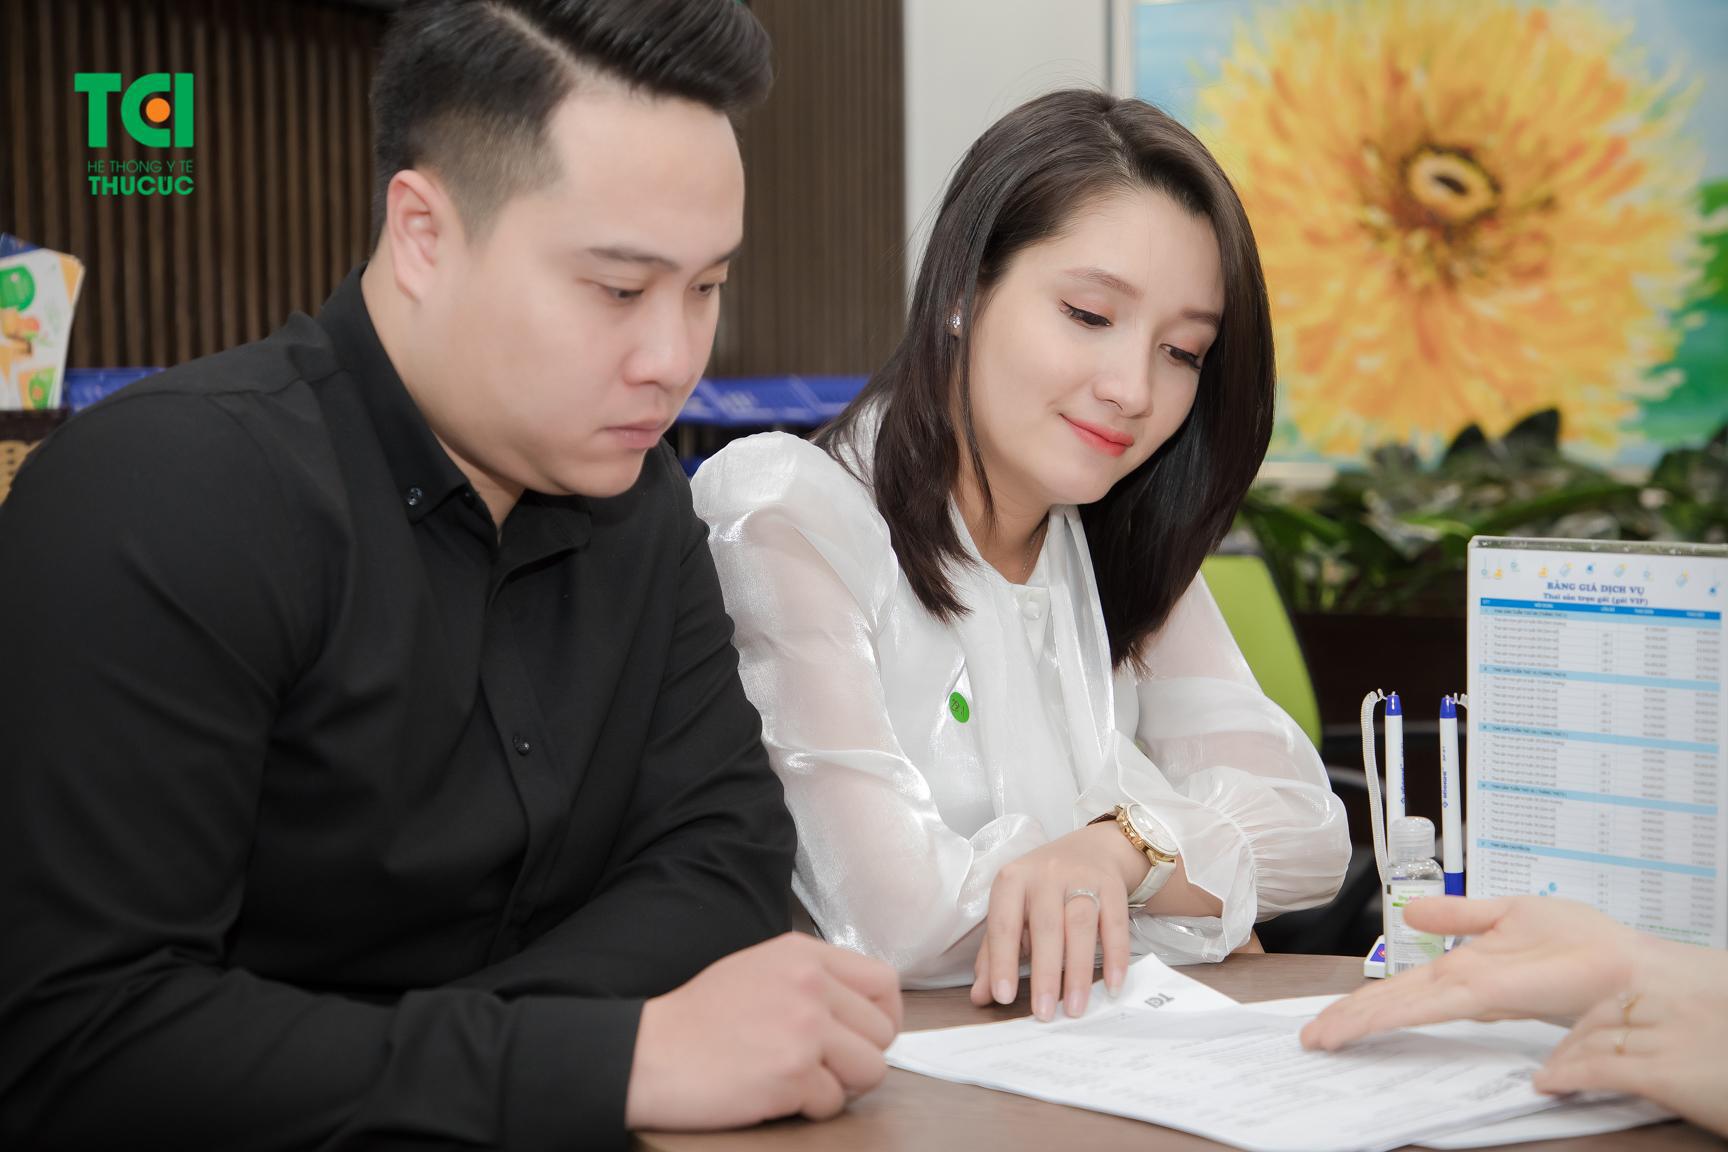 Diễn viên Trịnh Khánh Linh: Sinh con là bộ phim cảm động nhất của mình - Ảnh 1.